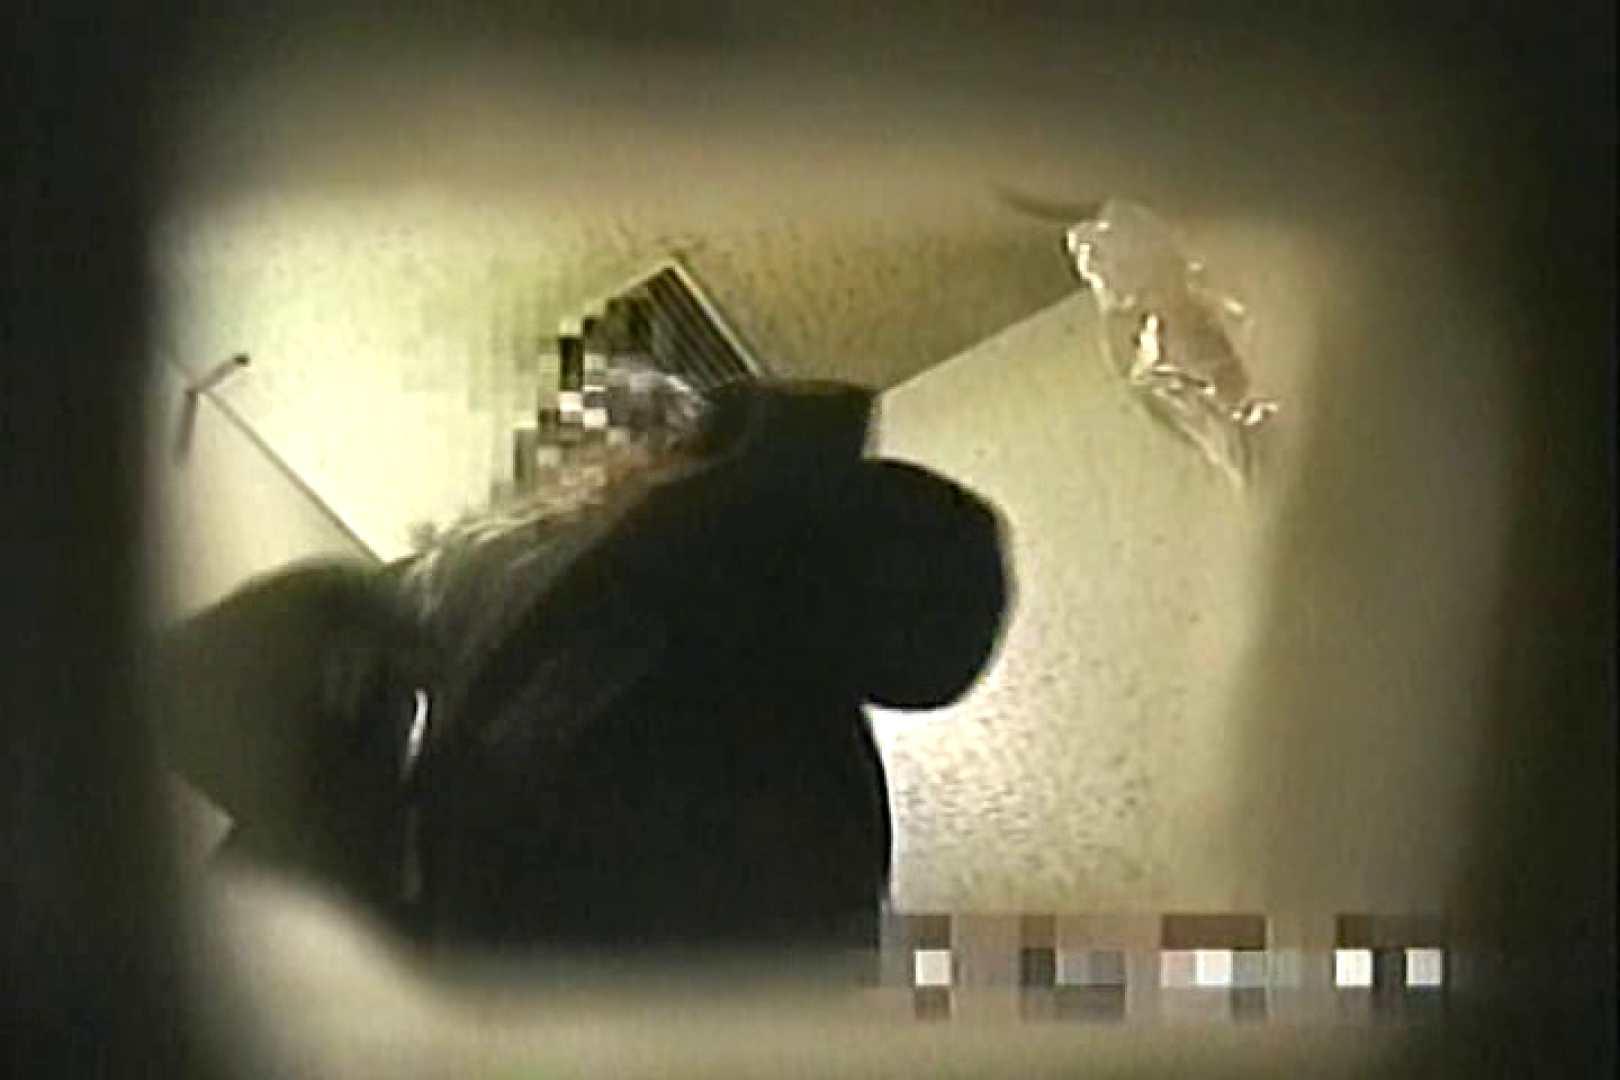 女子洗面所盗撮 今度の2カメは若い子だらけ  TK-127 おまんこ  76枚 70